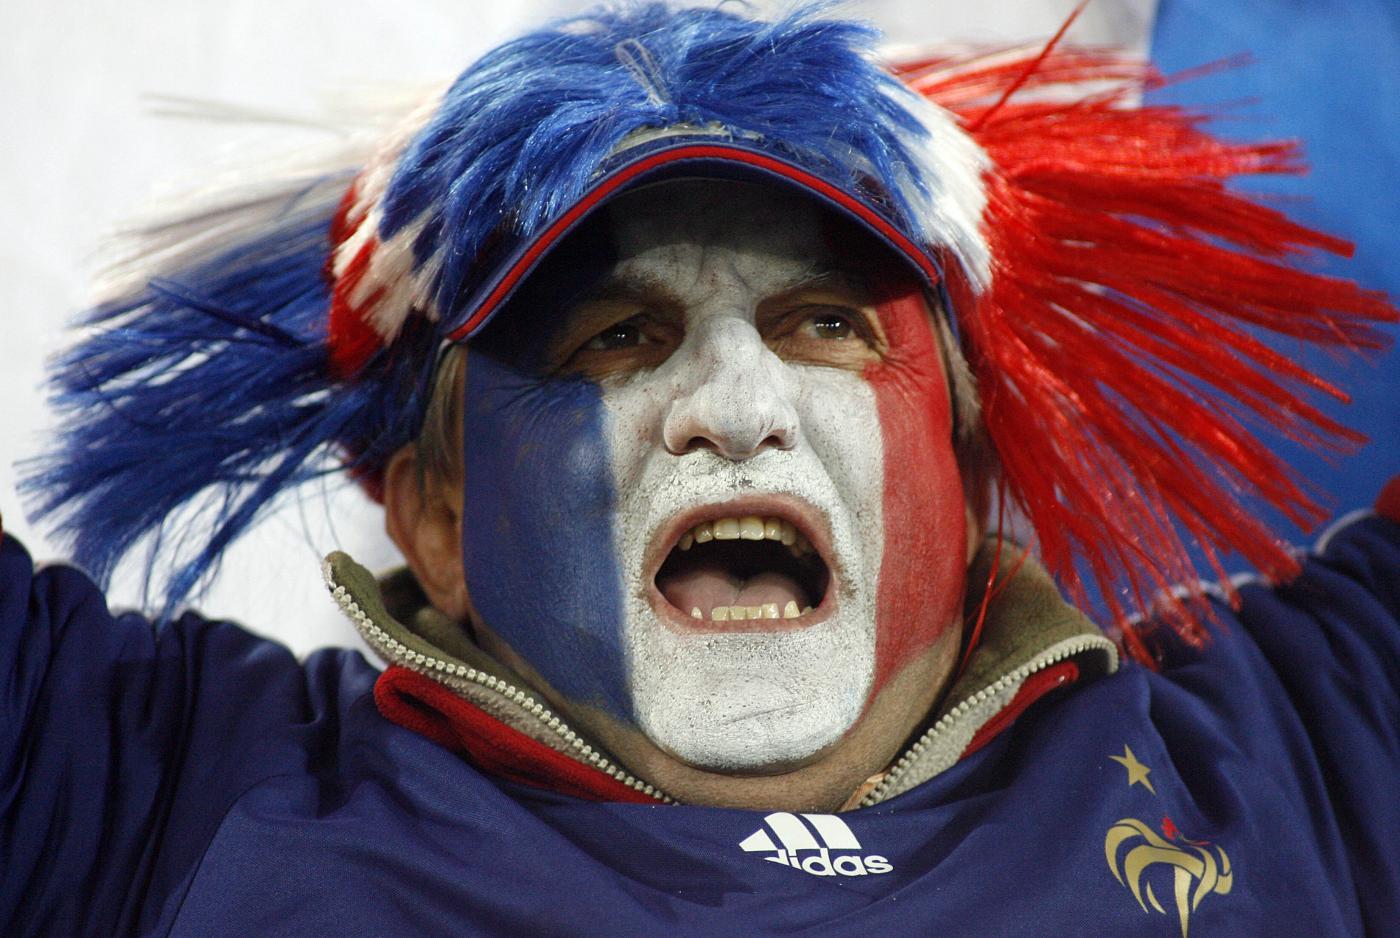 Francia-Croazia 21 giugno: si gioca per la seconda giornata del gruppo C degli Europei Under 21. Francesi favoriti per i 3 punti.